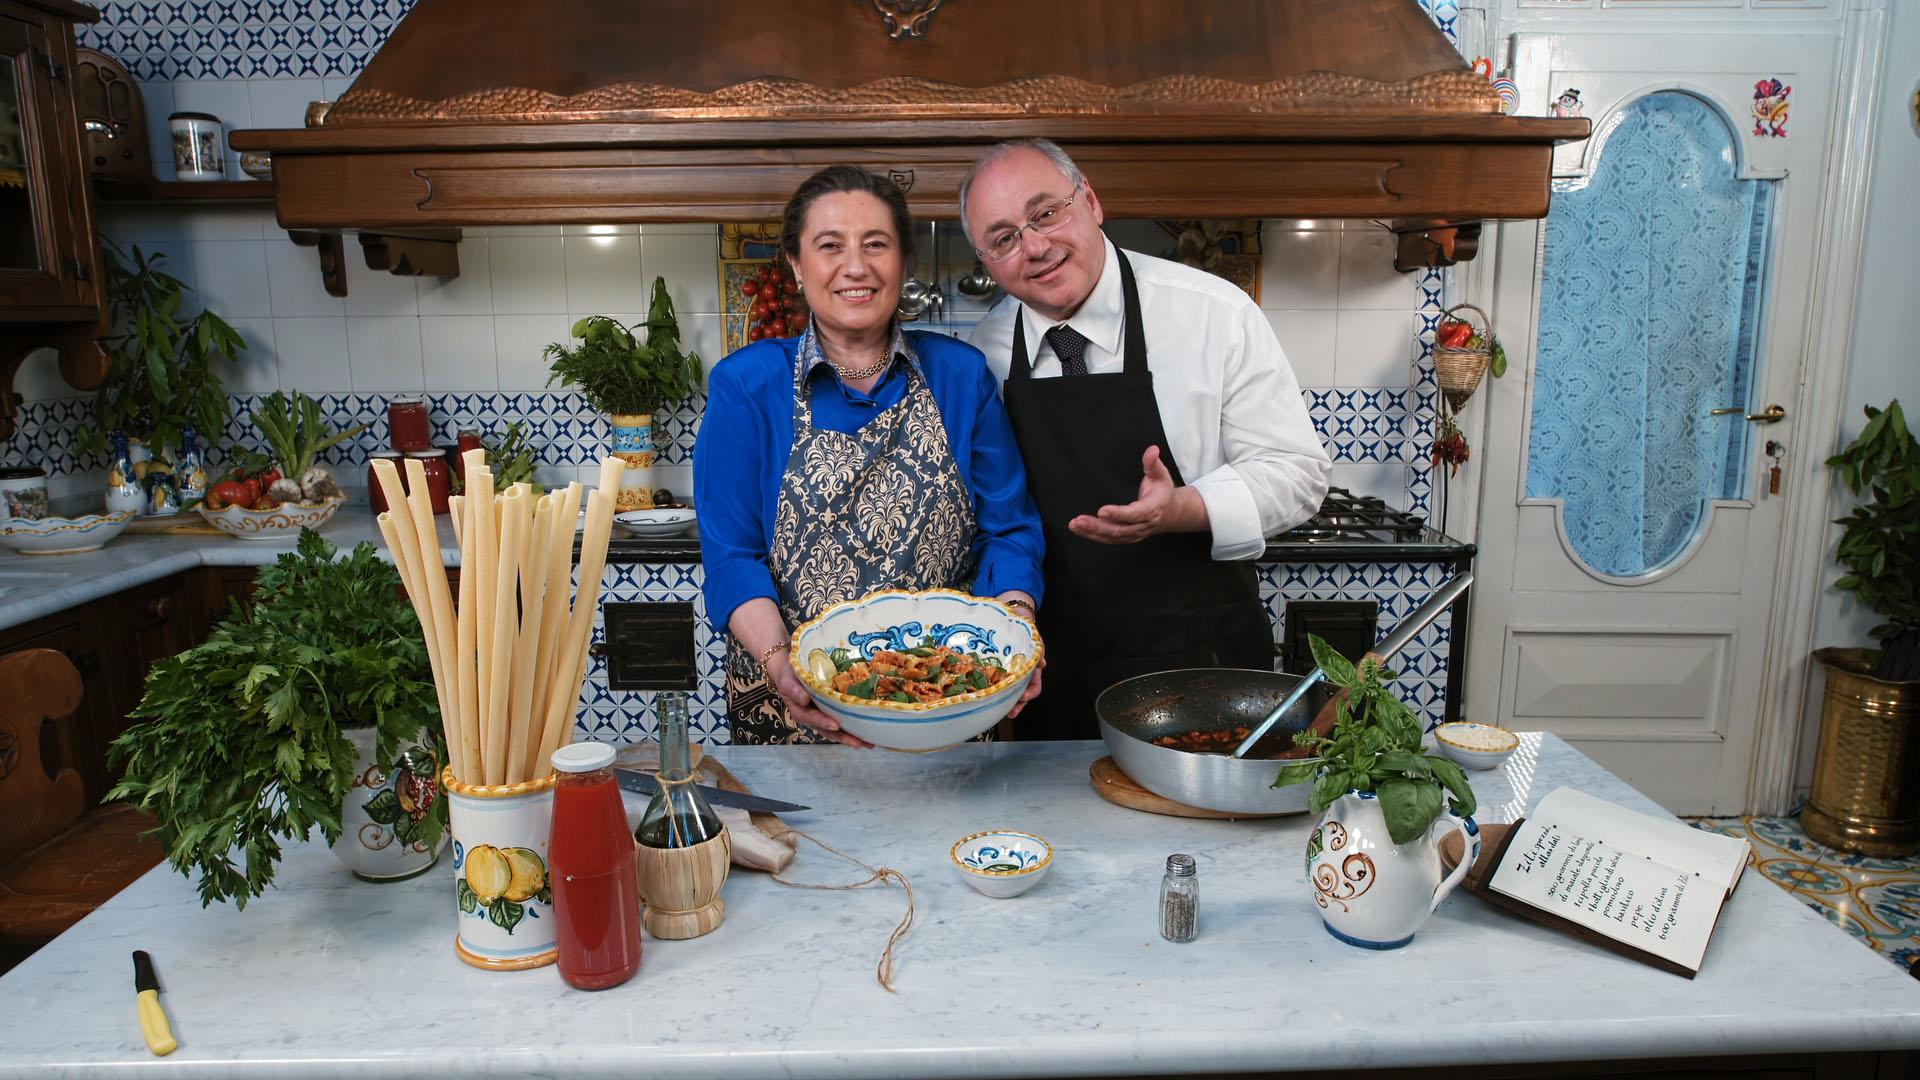 Food Network In cucina con Imma e Matteo